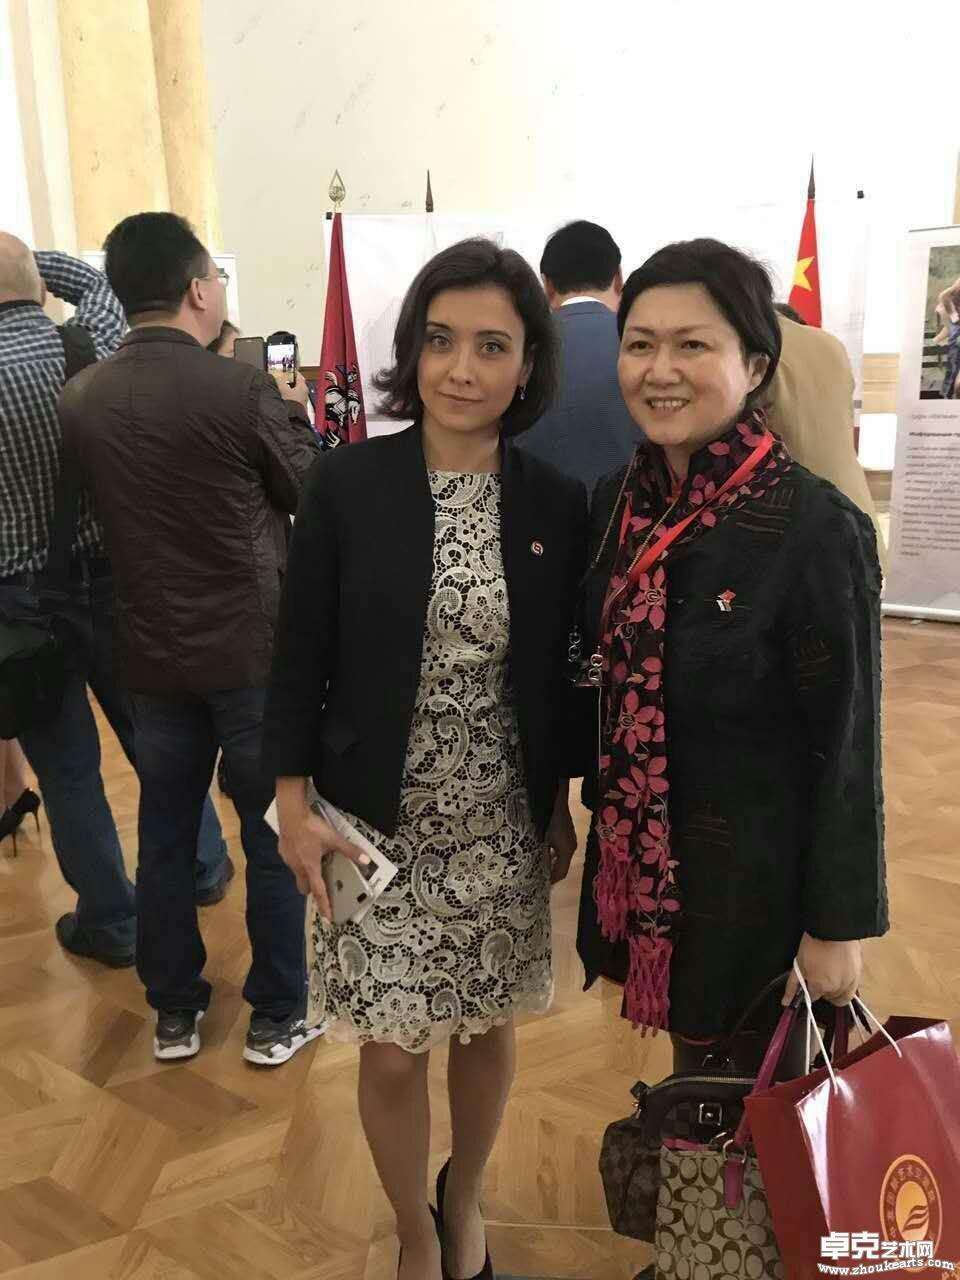 横滨国际刘少奇曾孙女,刘丽达,俄罗斯杜马议员,负责中俄文化交流